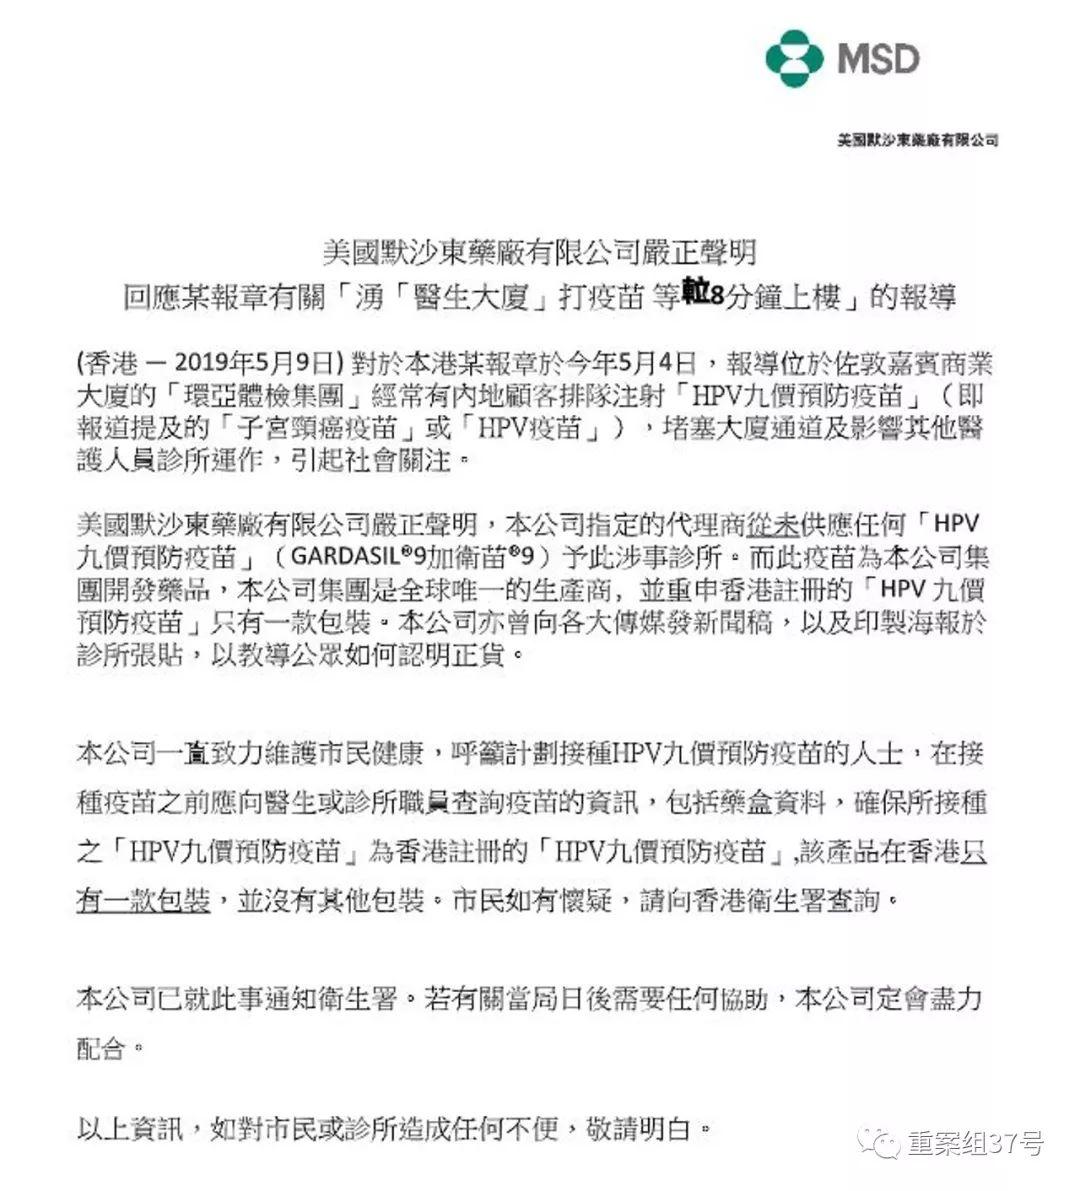 ▲美国默沙东药厂有限公司声明。